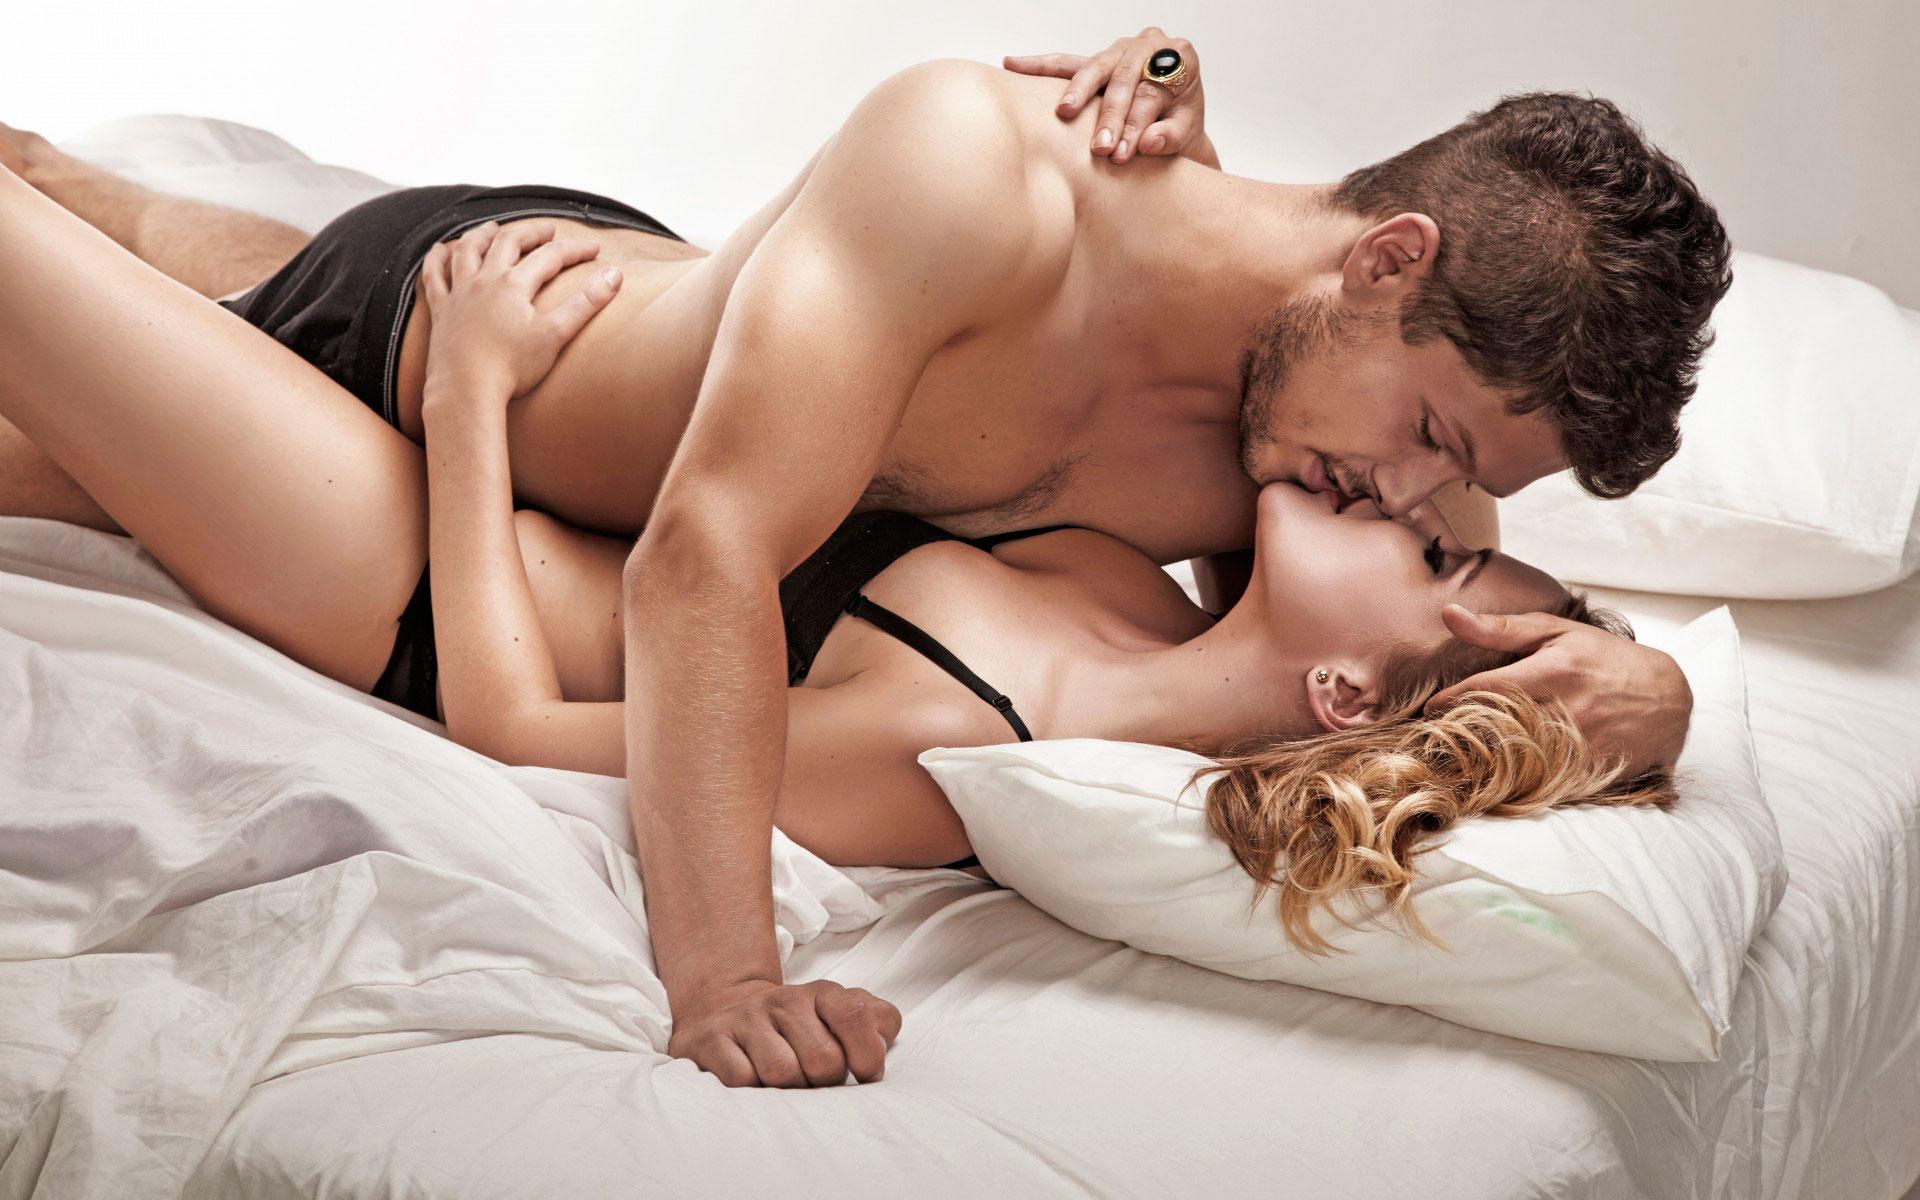 Первый секс как подготовиться и что делать